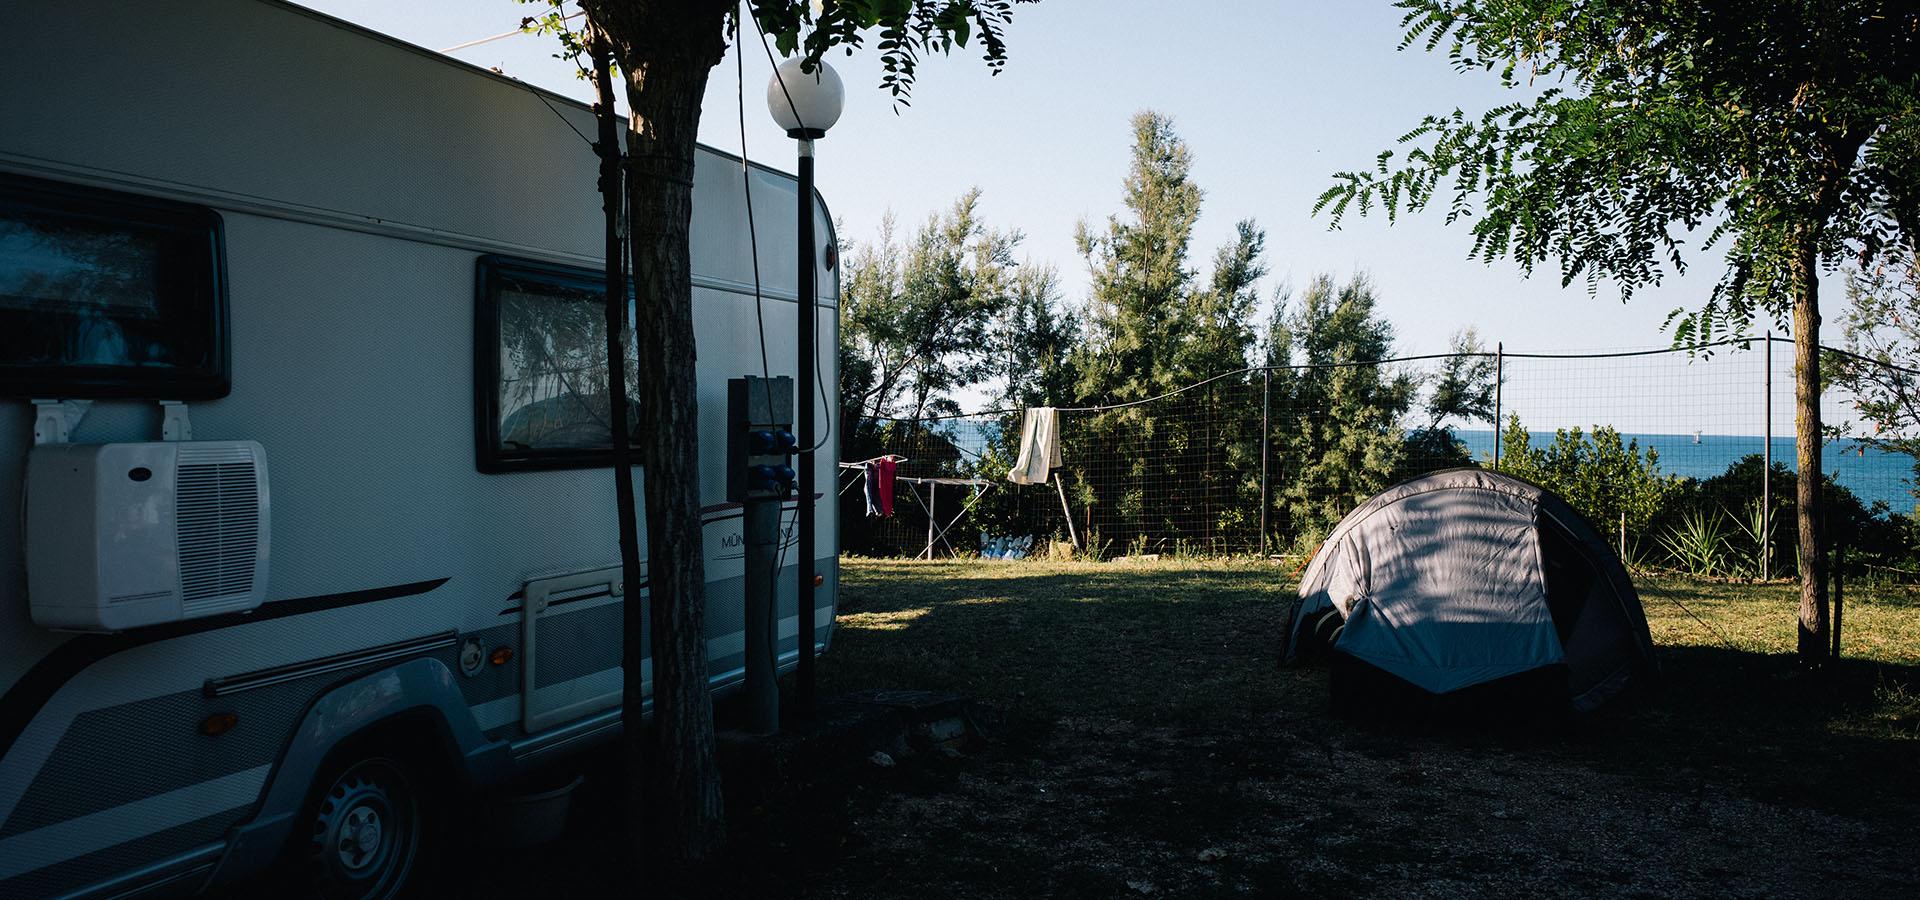 campeggioback2